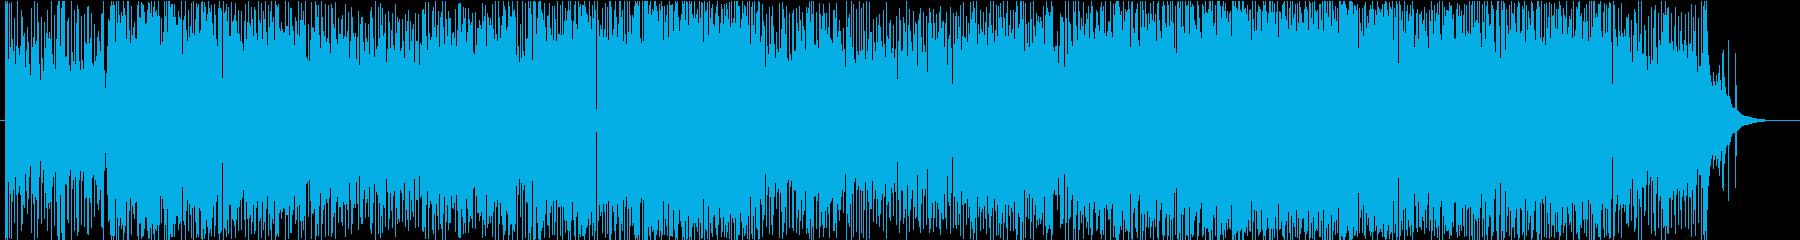 ピアノイントロが印象的な旅立ちの曲。の再生済みの波形